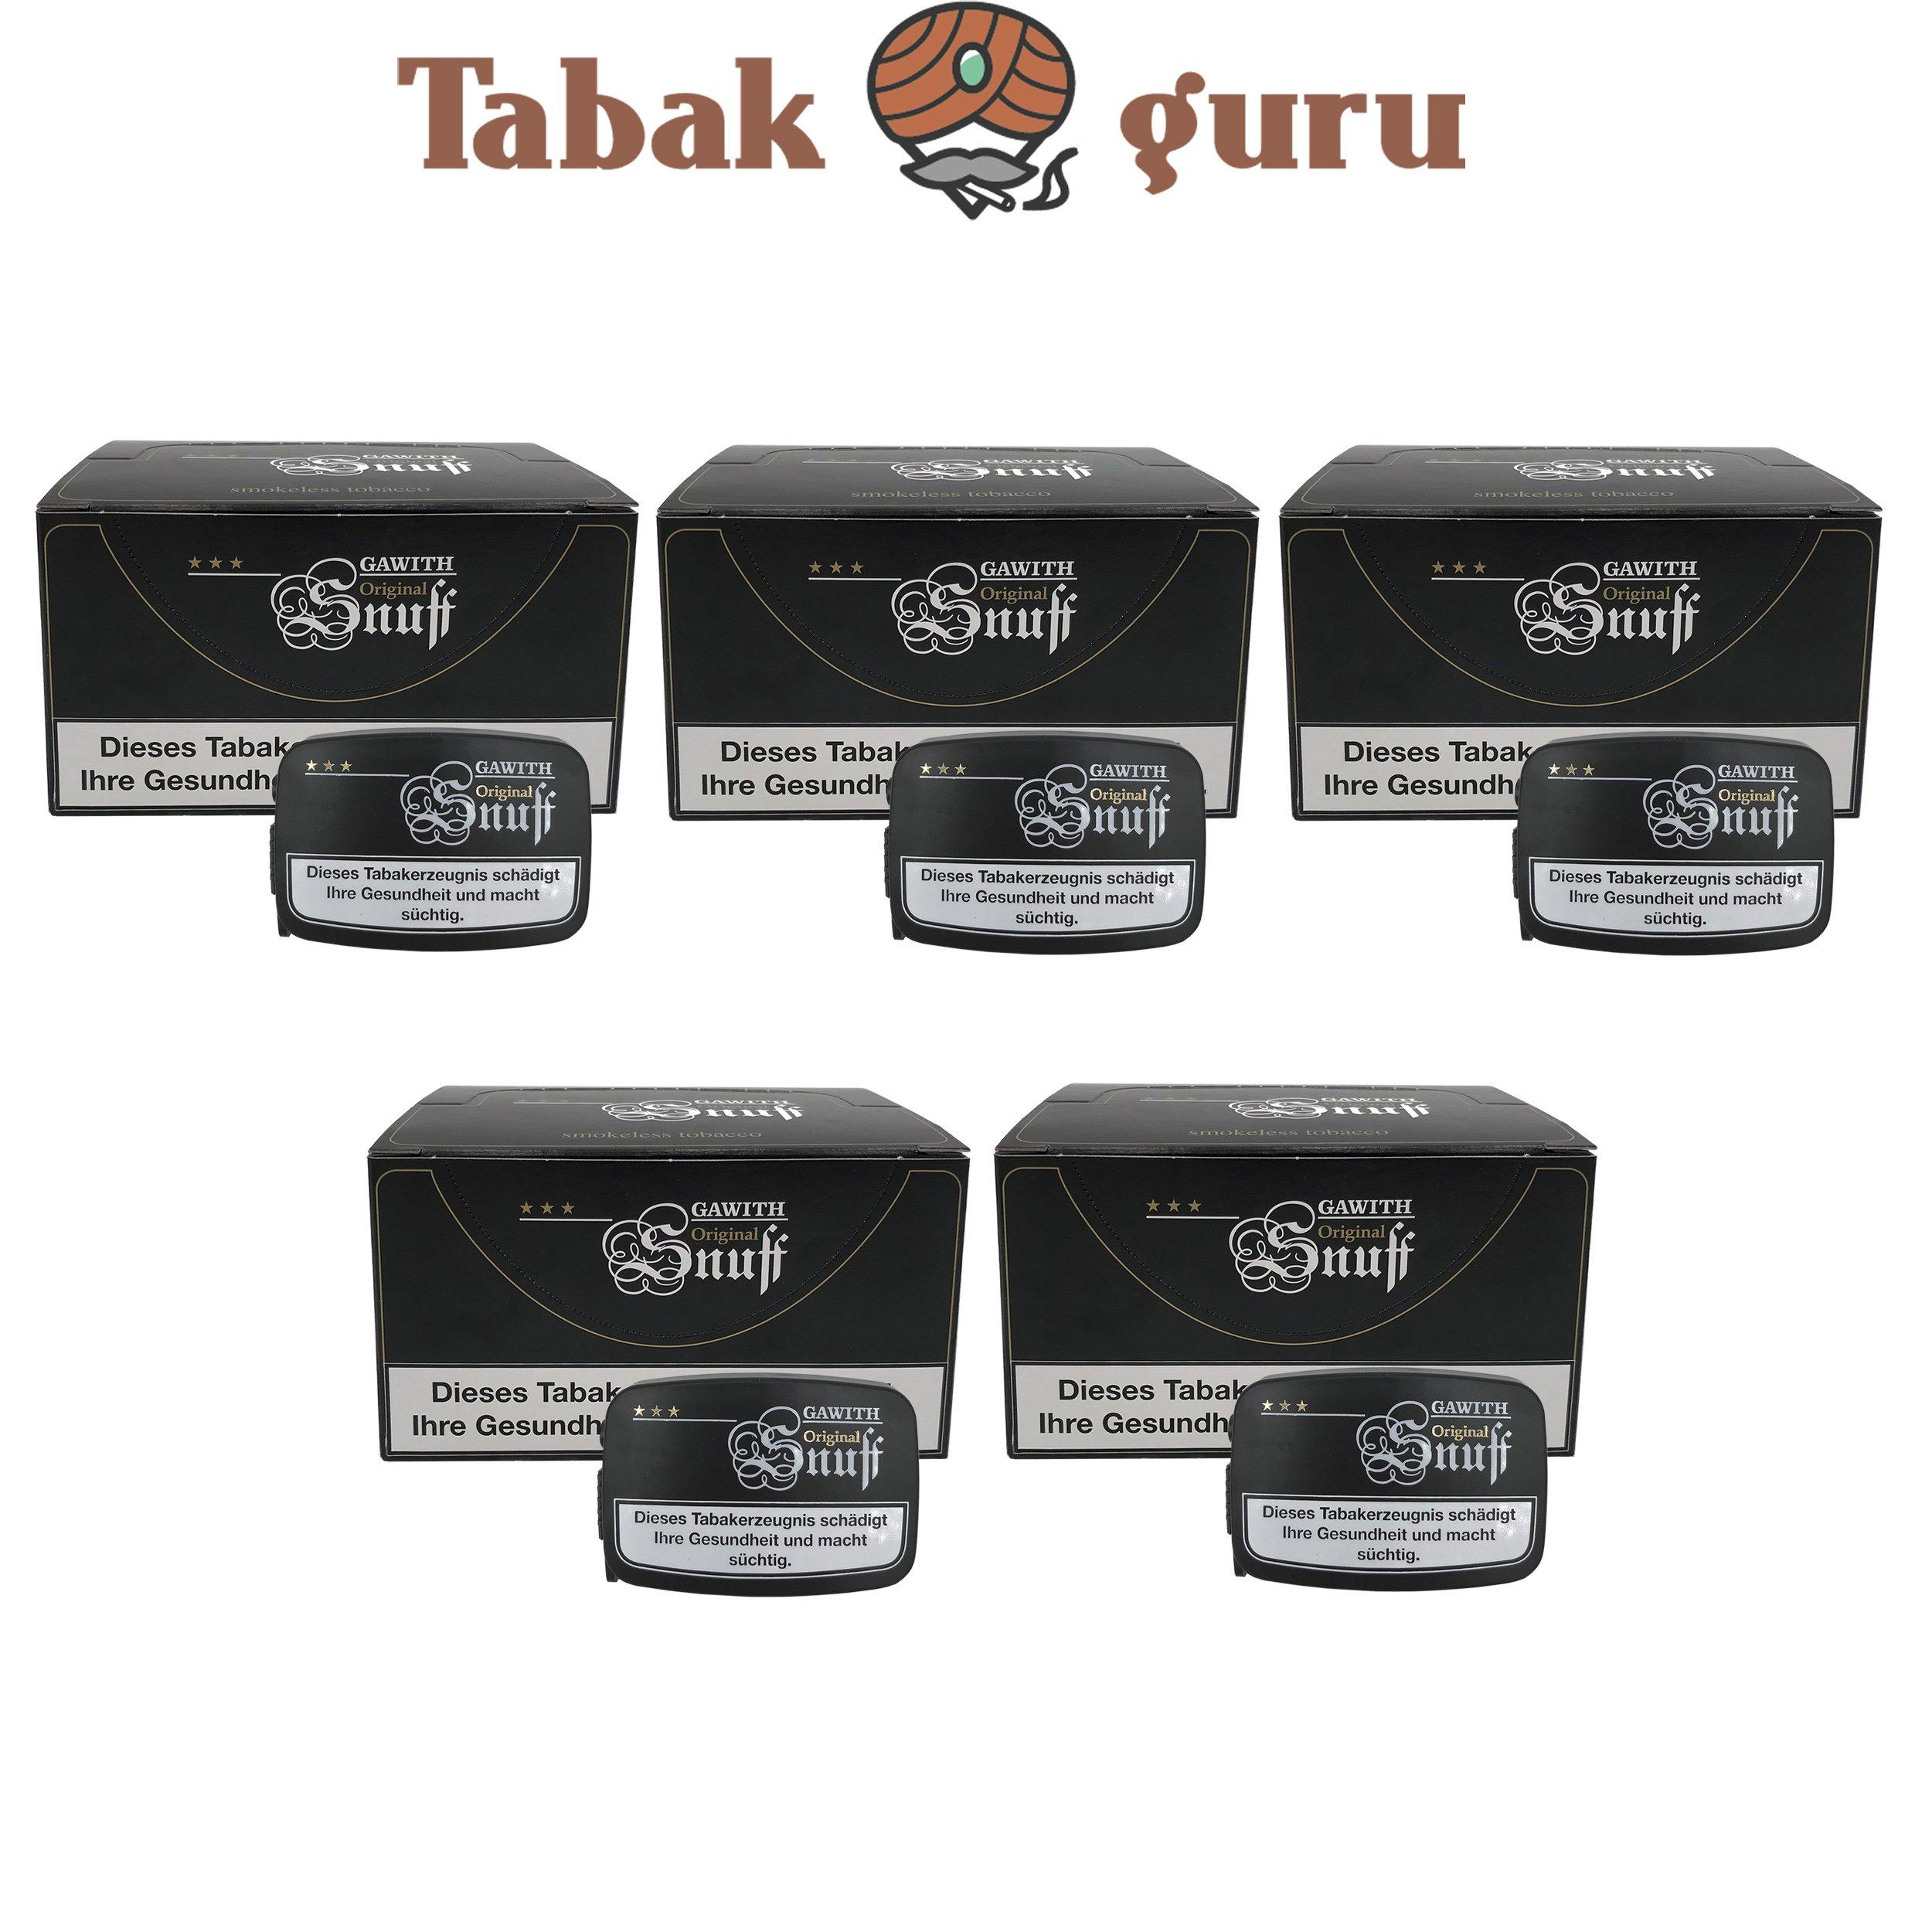 100x Gawith Original Snuff Schnupftabak Dose á10 g